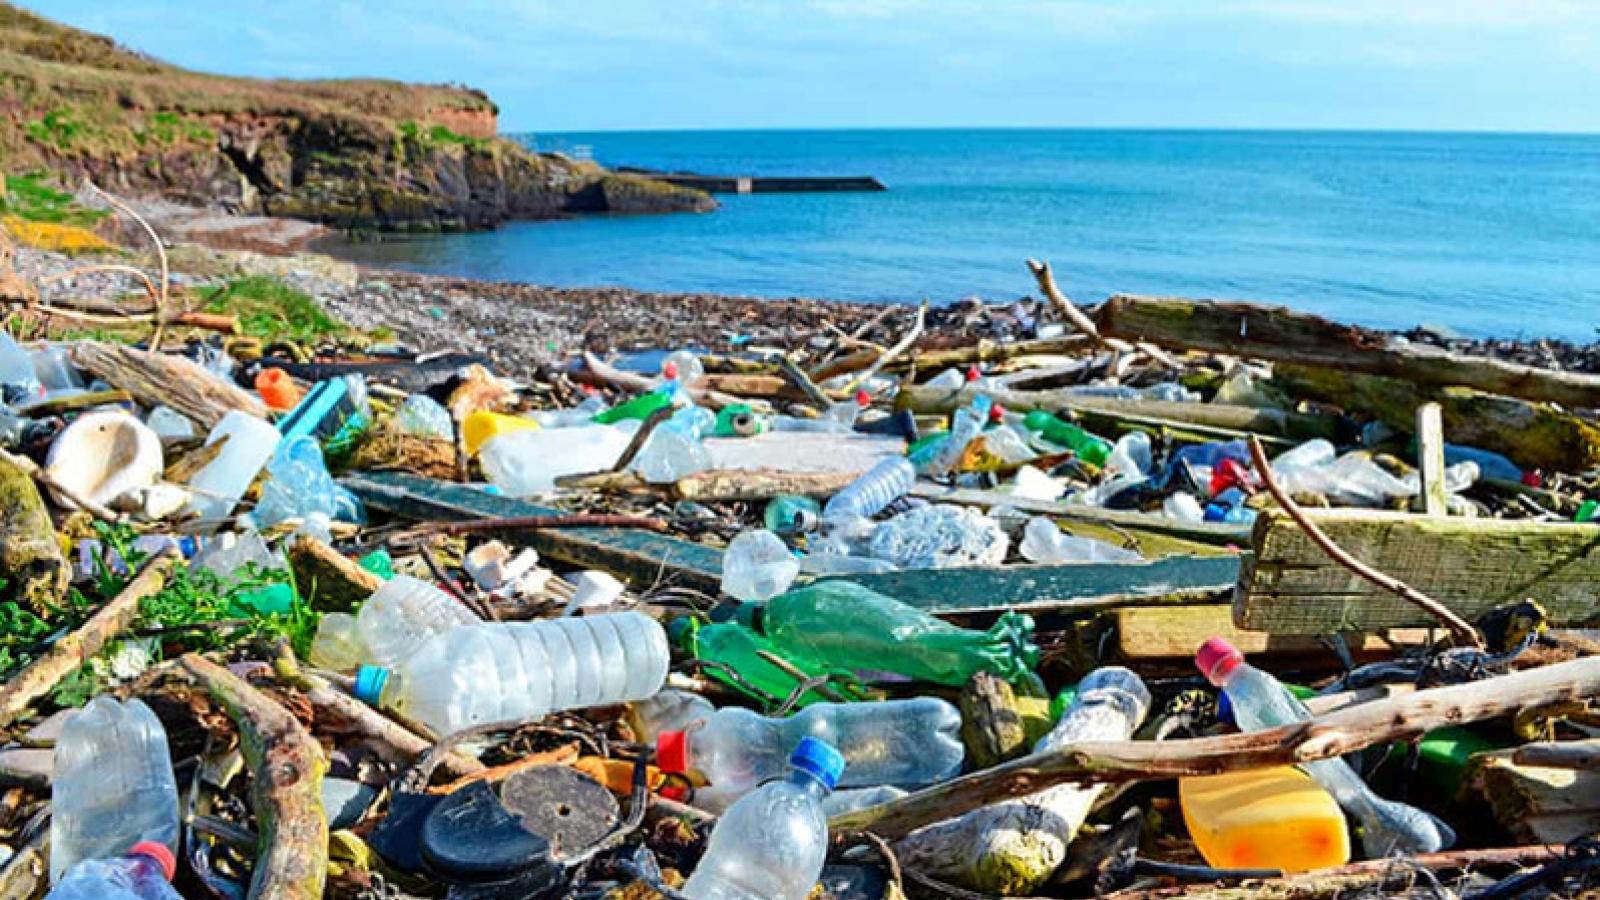 Việt Nam đặt mục tiêu đến năm 2030 giảm 75% rác thải nhựa đại dương